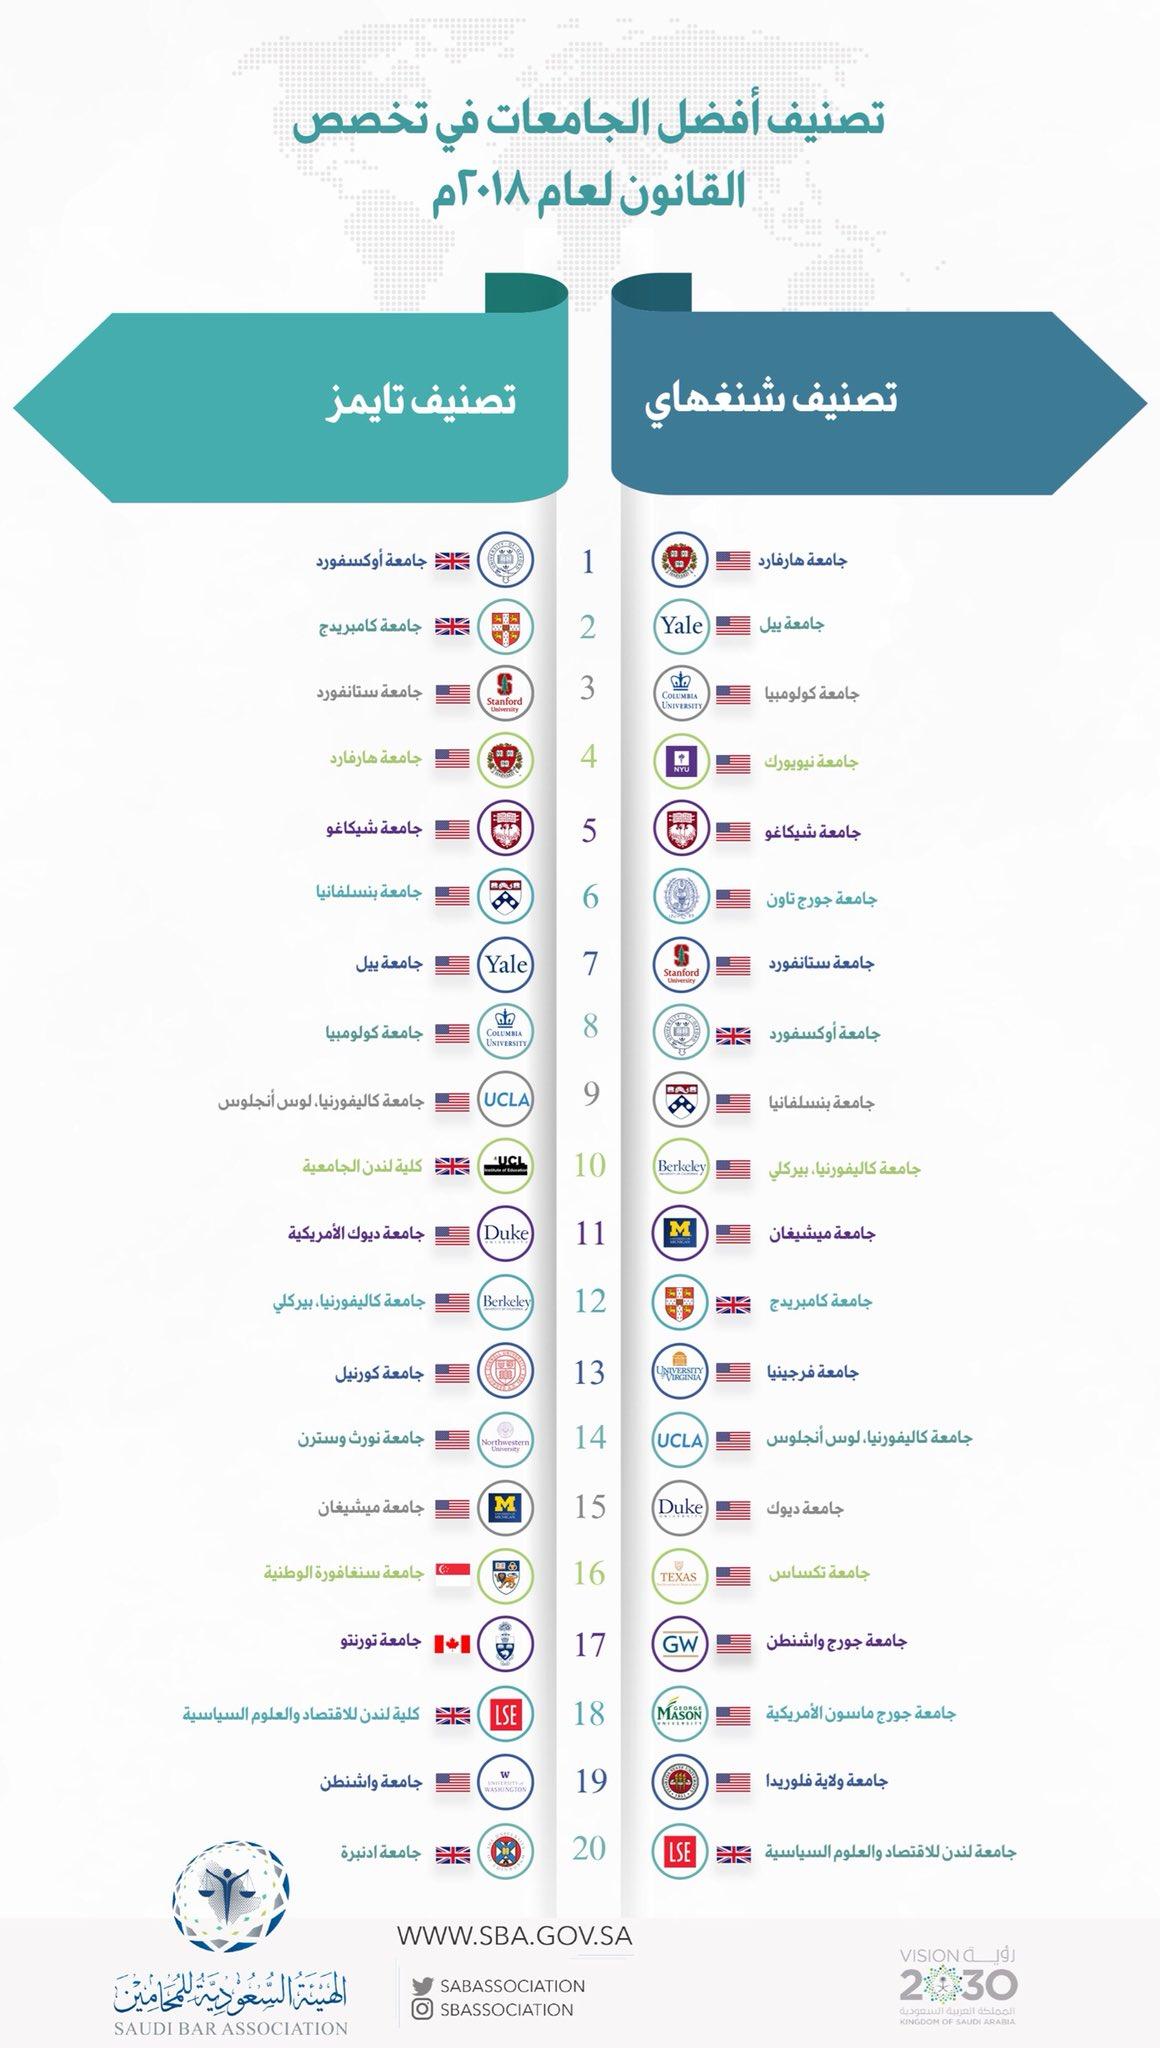 هيئة المحامين Sur Twitter أفضل 20 جامعة في تخصص القانون على مستوى العالم